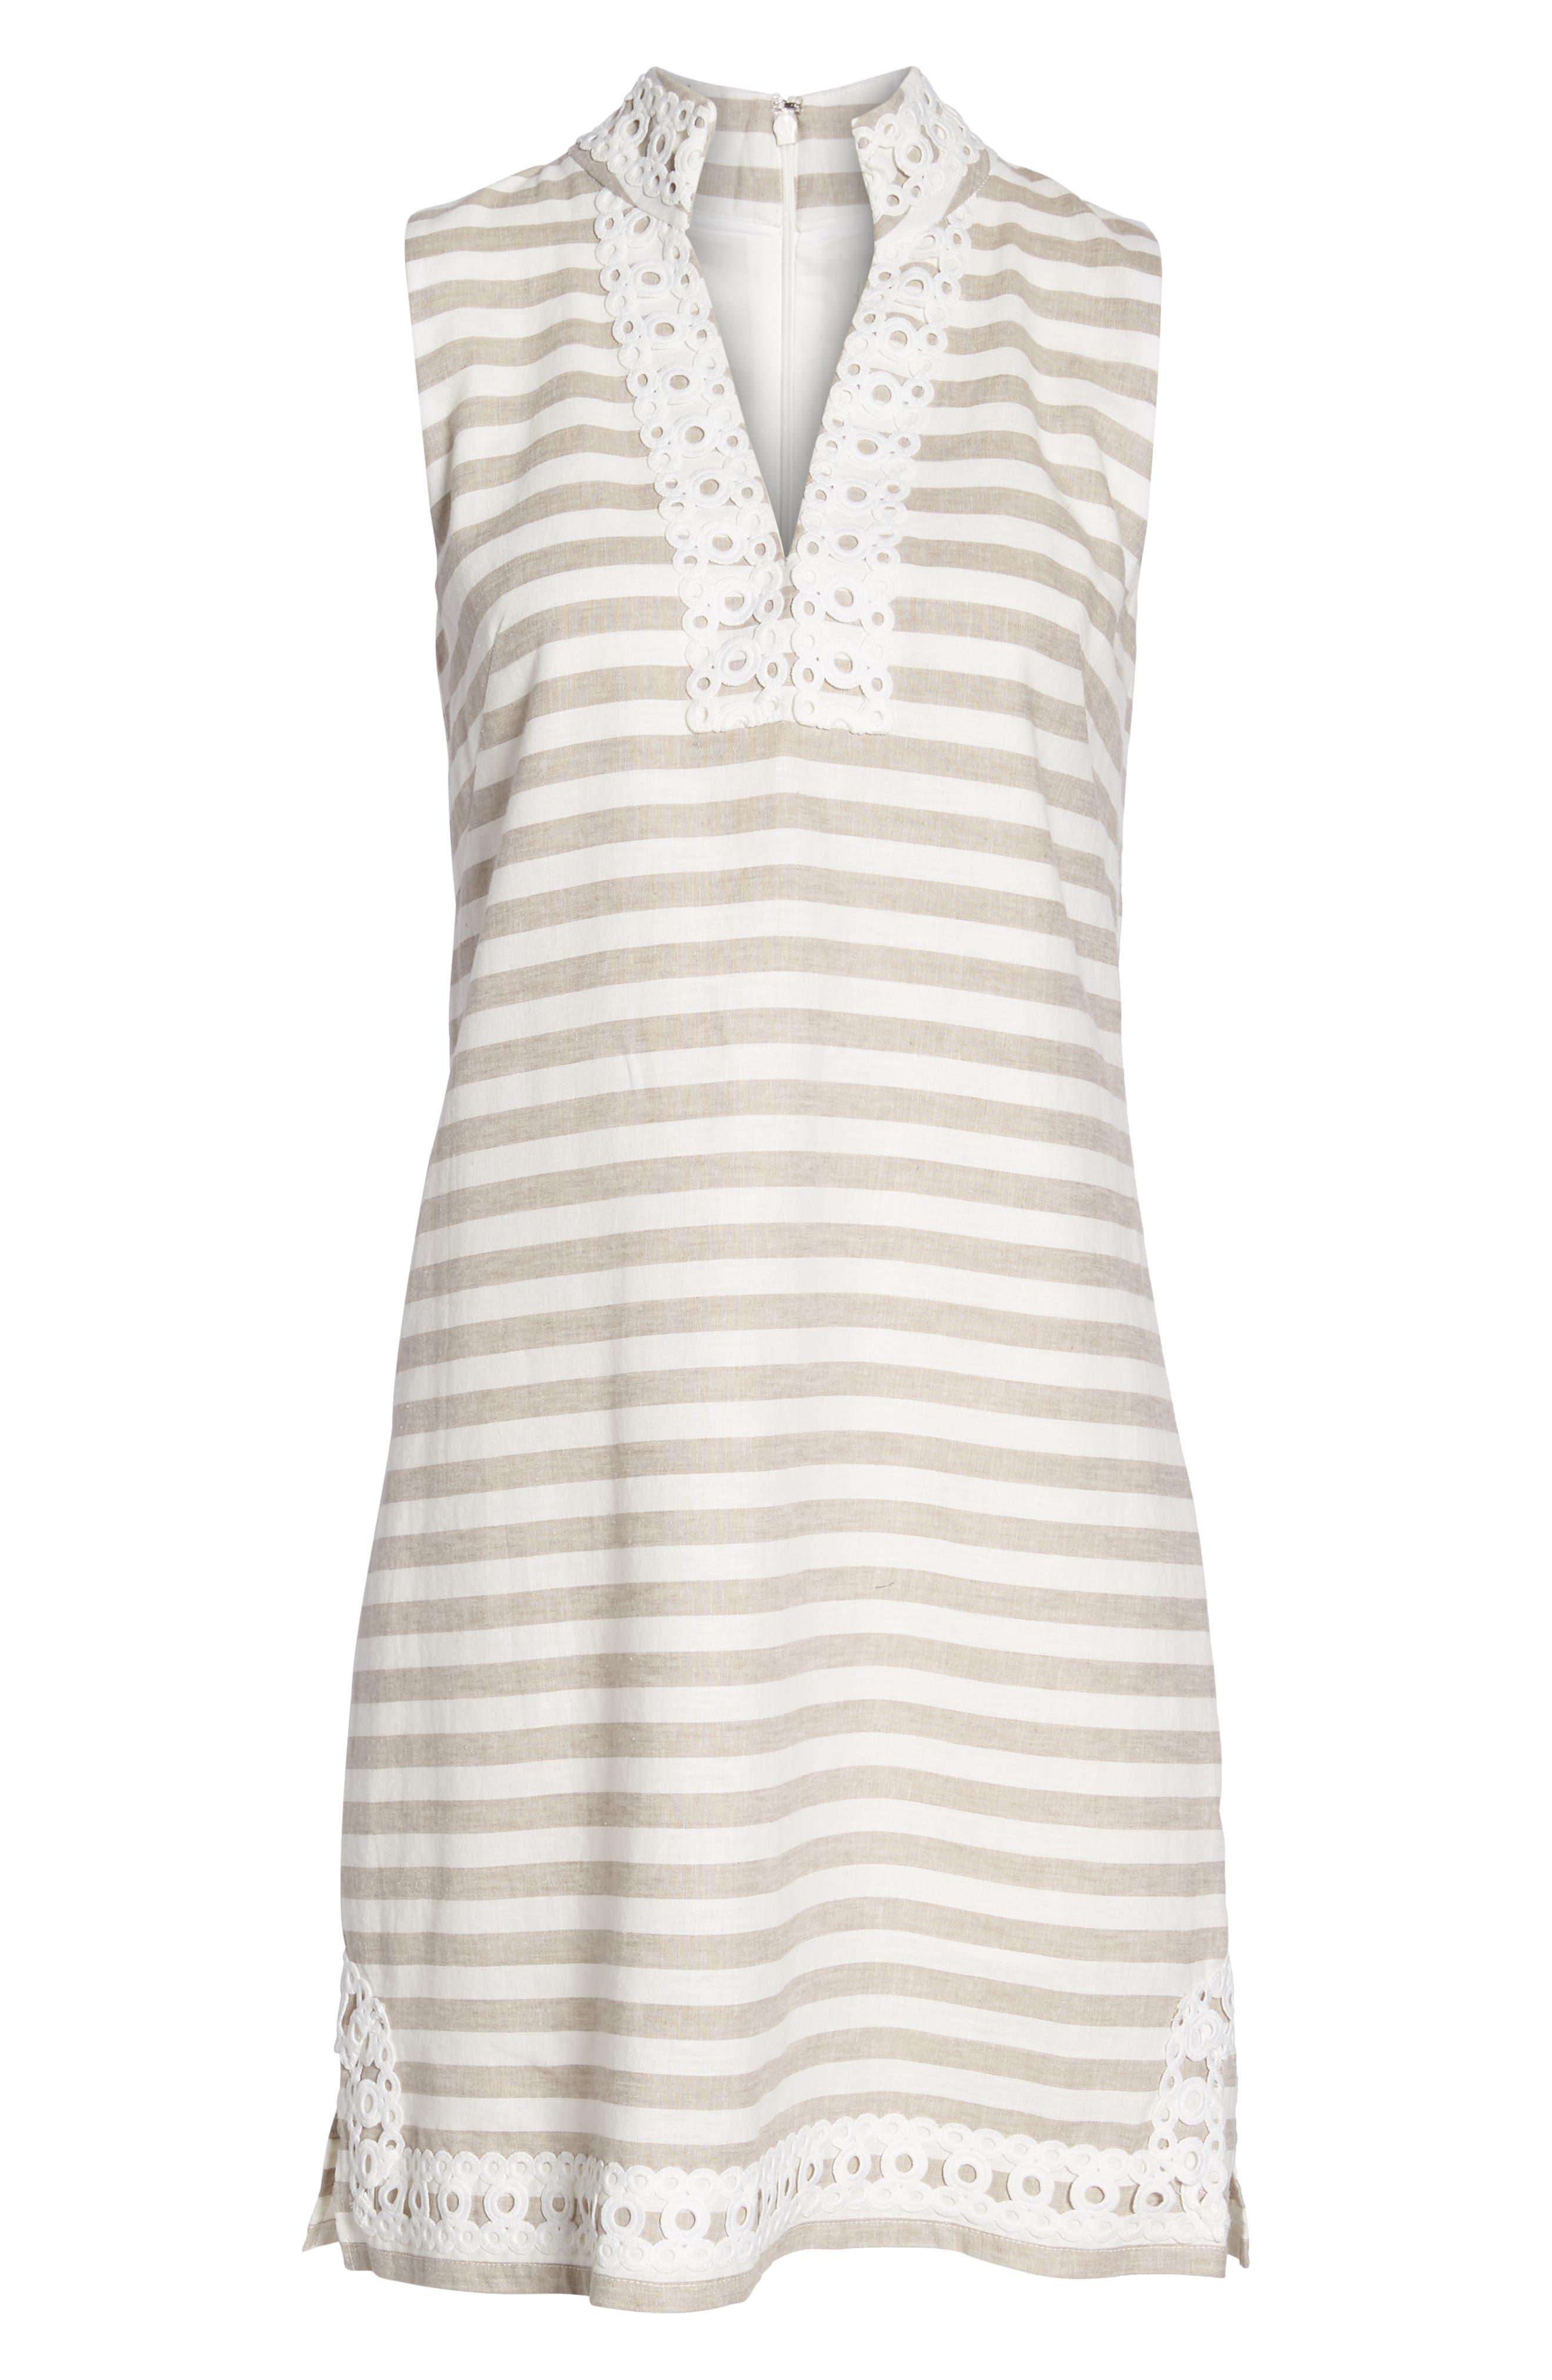 Stripe Linen & Cotton Blend Dress,                             Alternate thumbnail 7, color,                             250